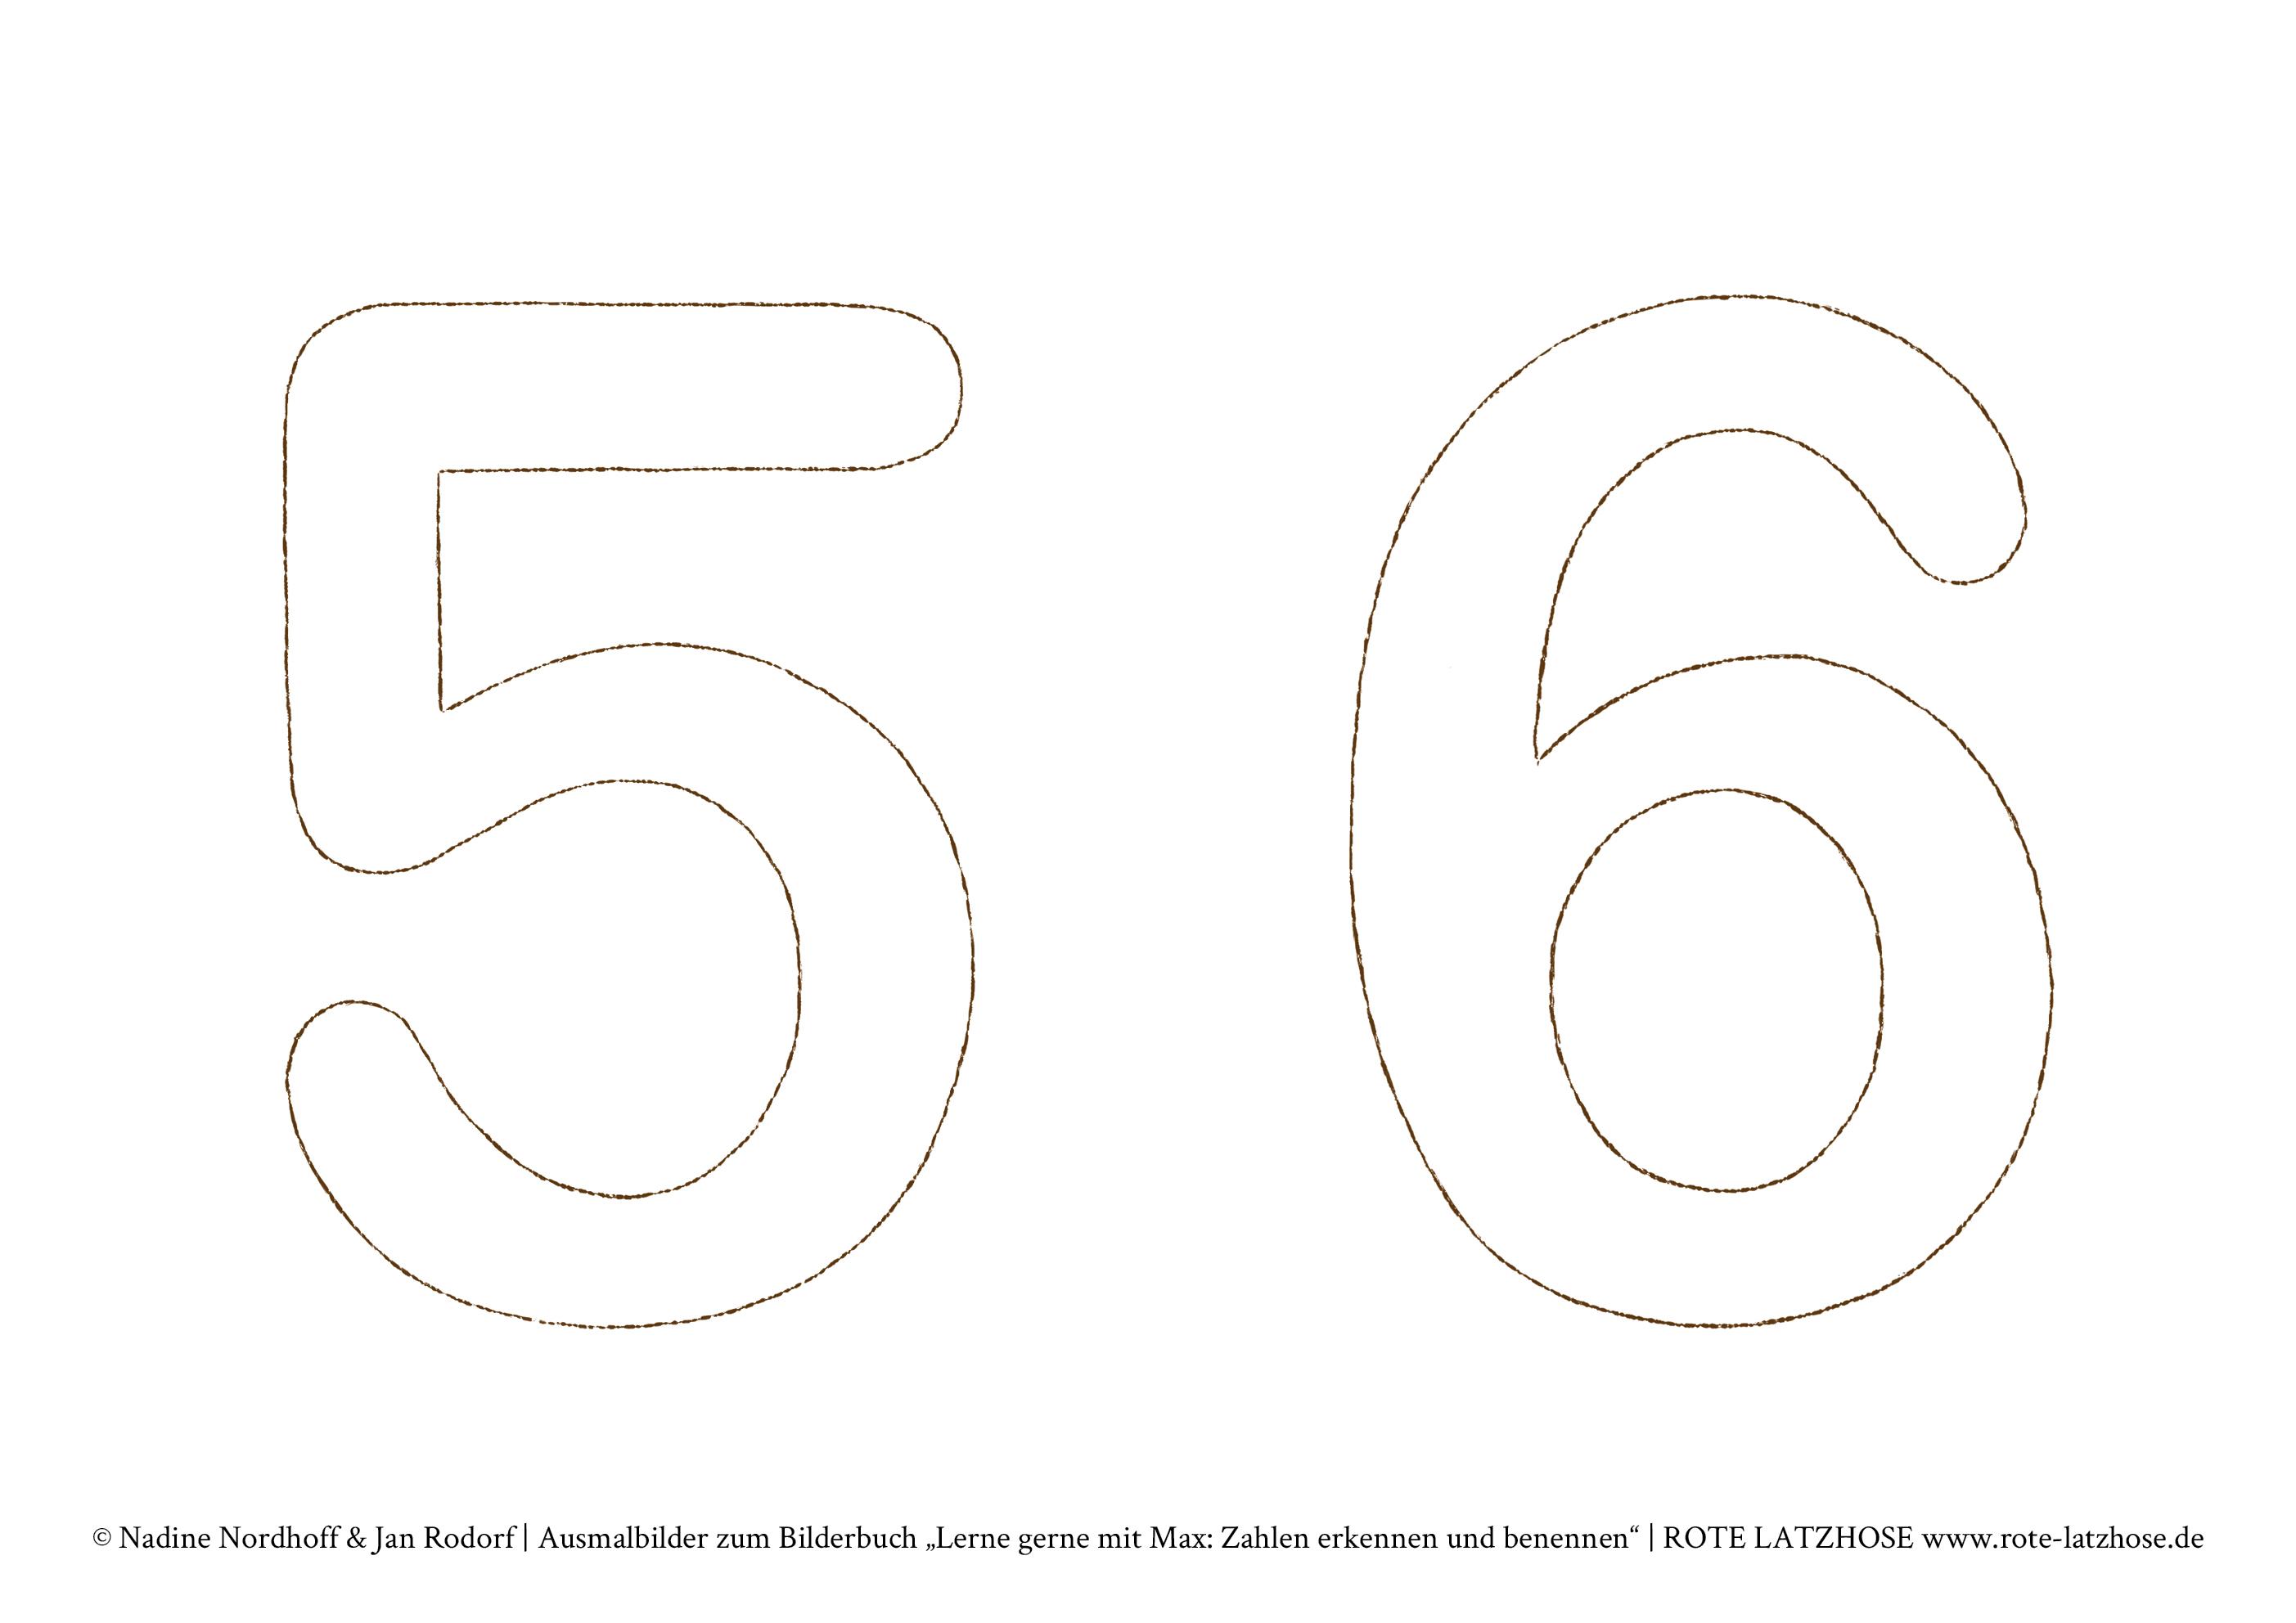 Max Malt Die Zahlen Bunt Zahlen Von 1 Bis 10 Vorlagen Zum Ausdrucken Der Zahlen 1 10 Lerne Gerne Mit Max Zahlen Erkennen Und Benennen Spiel Spass